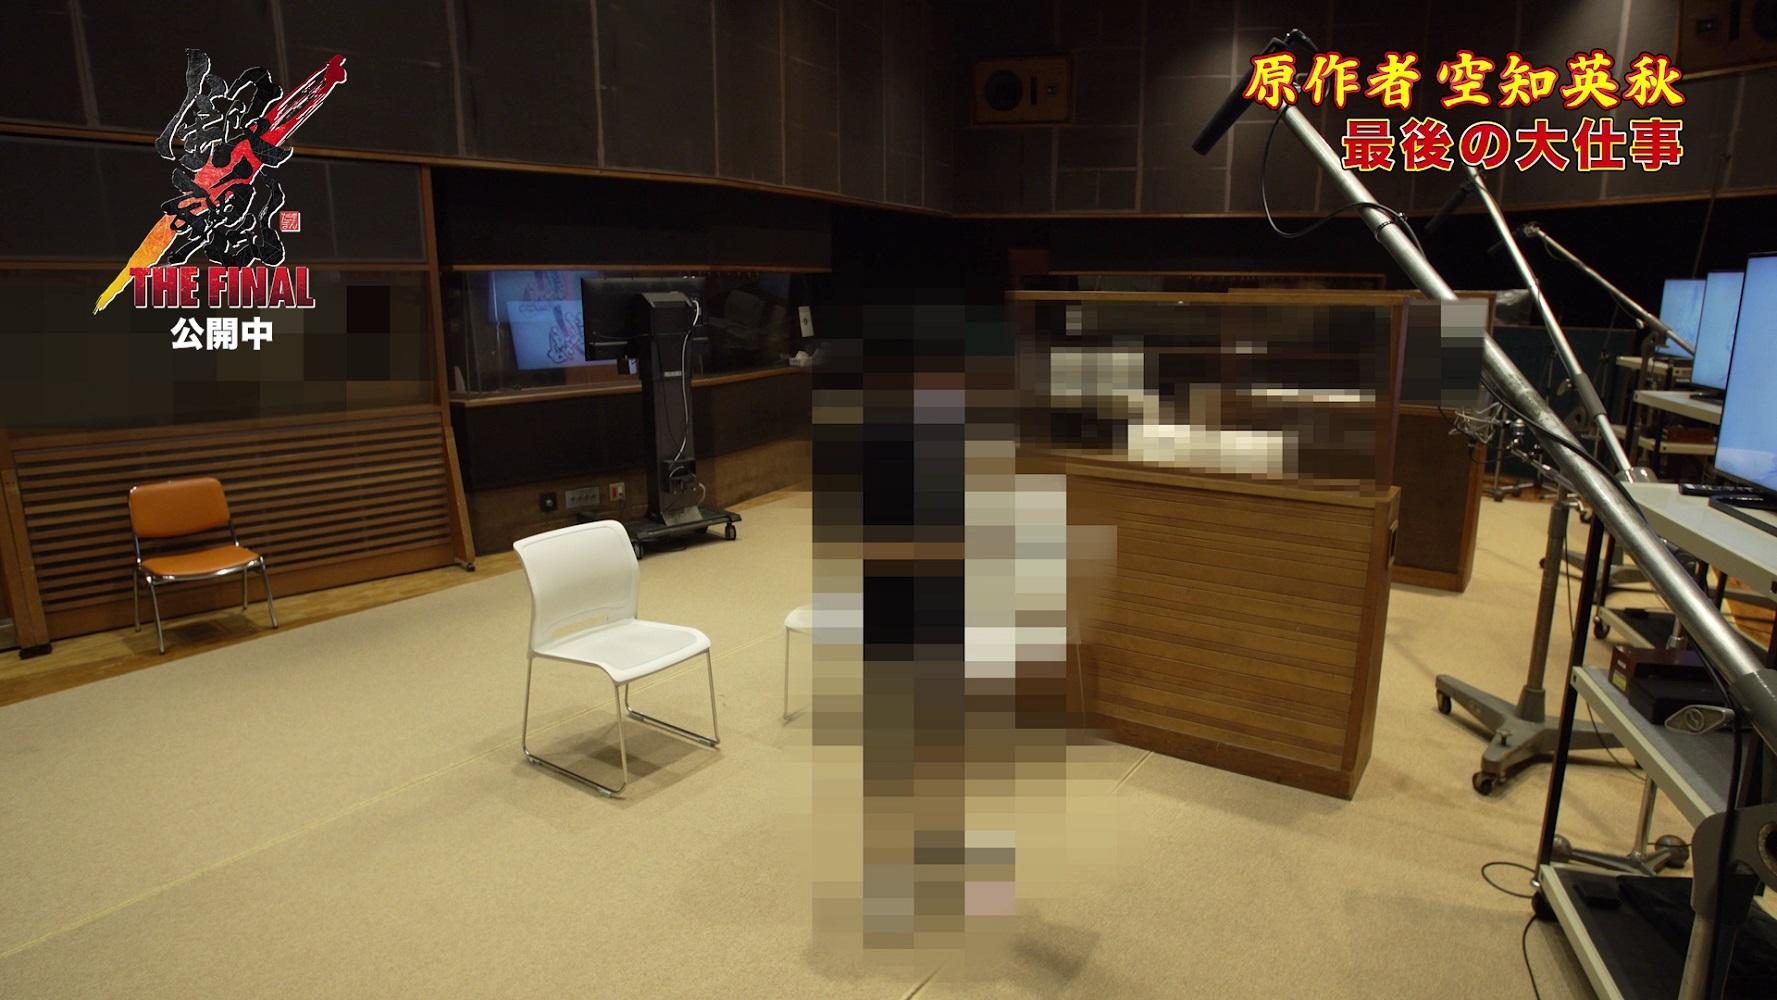 映画「銀魂 THE FINAL」原作者・空知英秋先生が◯◯役で出演していることが明らかに!アフレコ密着スペシャル動画も公開